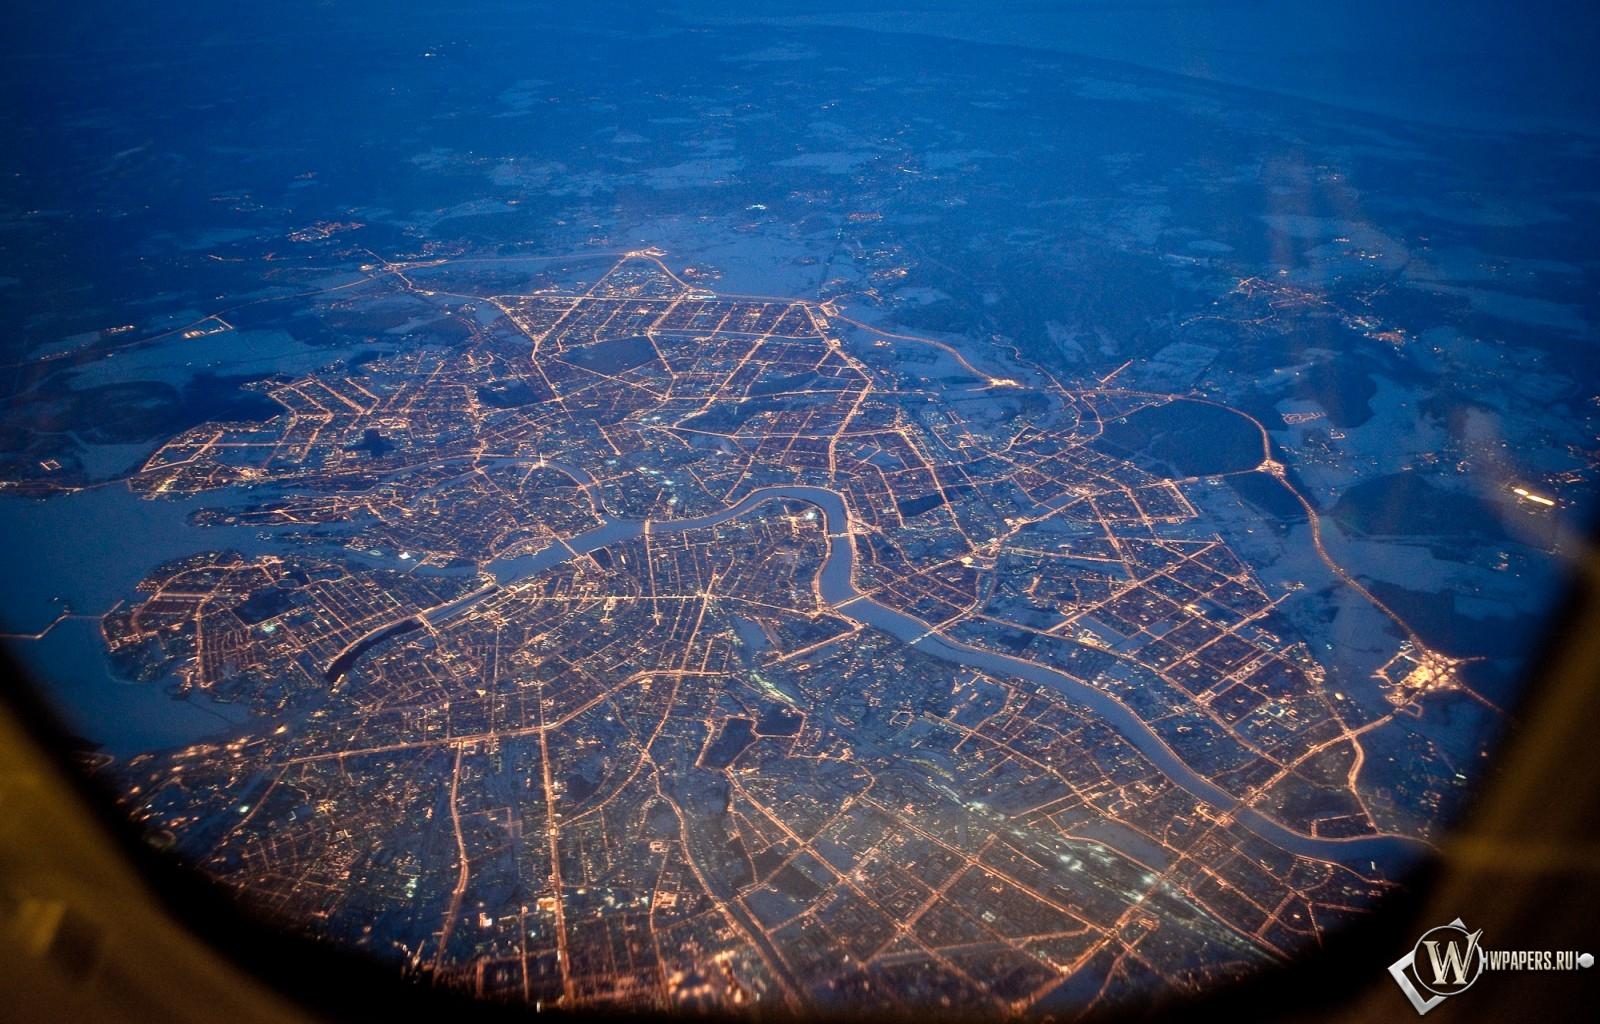 Питер из самолета ночью 1600x1024